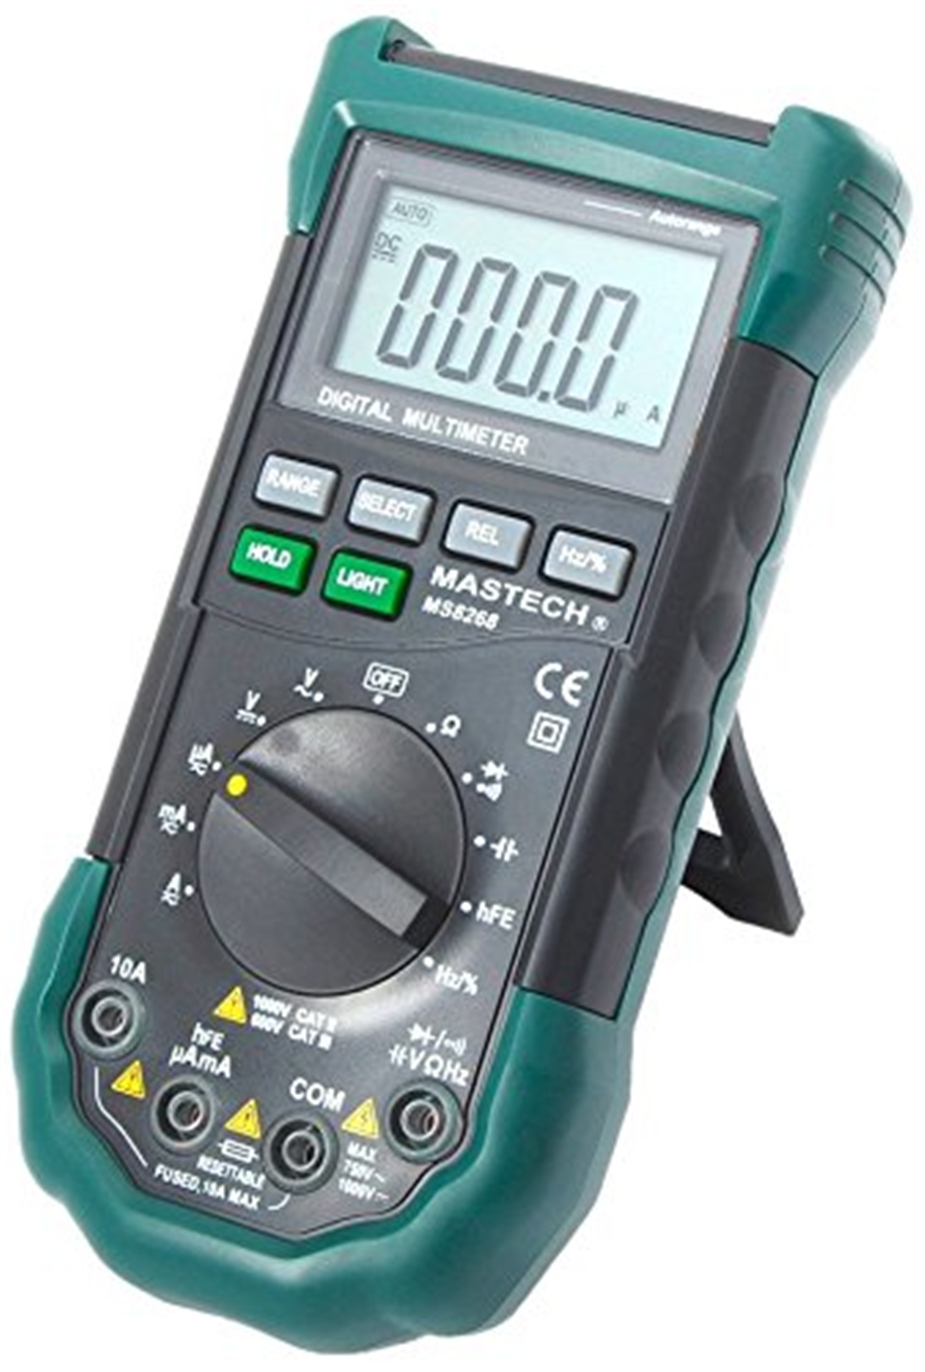 MASTECH MS8268 protezione Auto Gamma Multimetro Digitale ac/dc amperometro voltmetro di ohm Frequenza tester elettrico diodo rivelatore